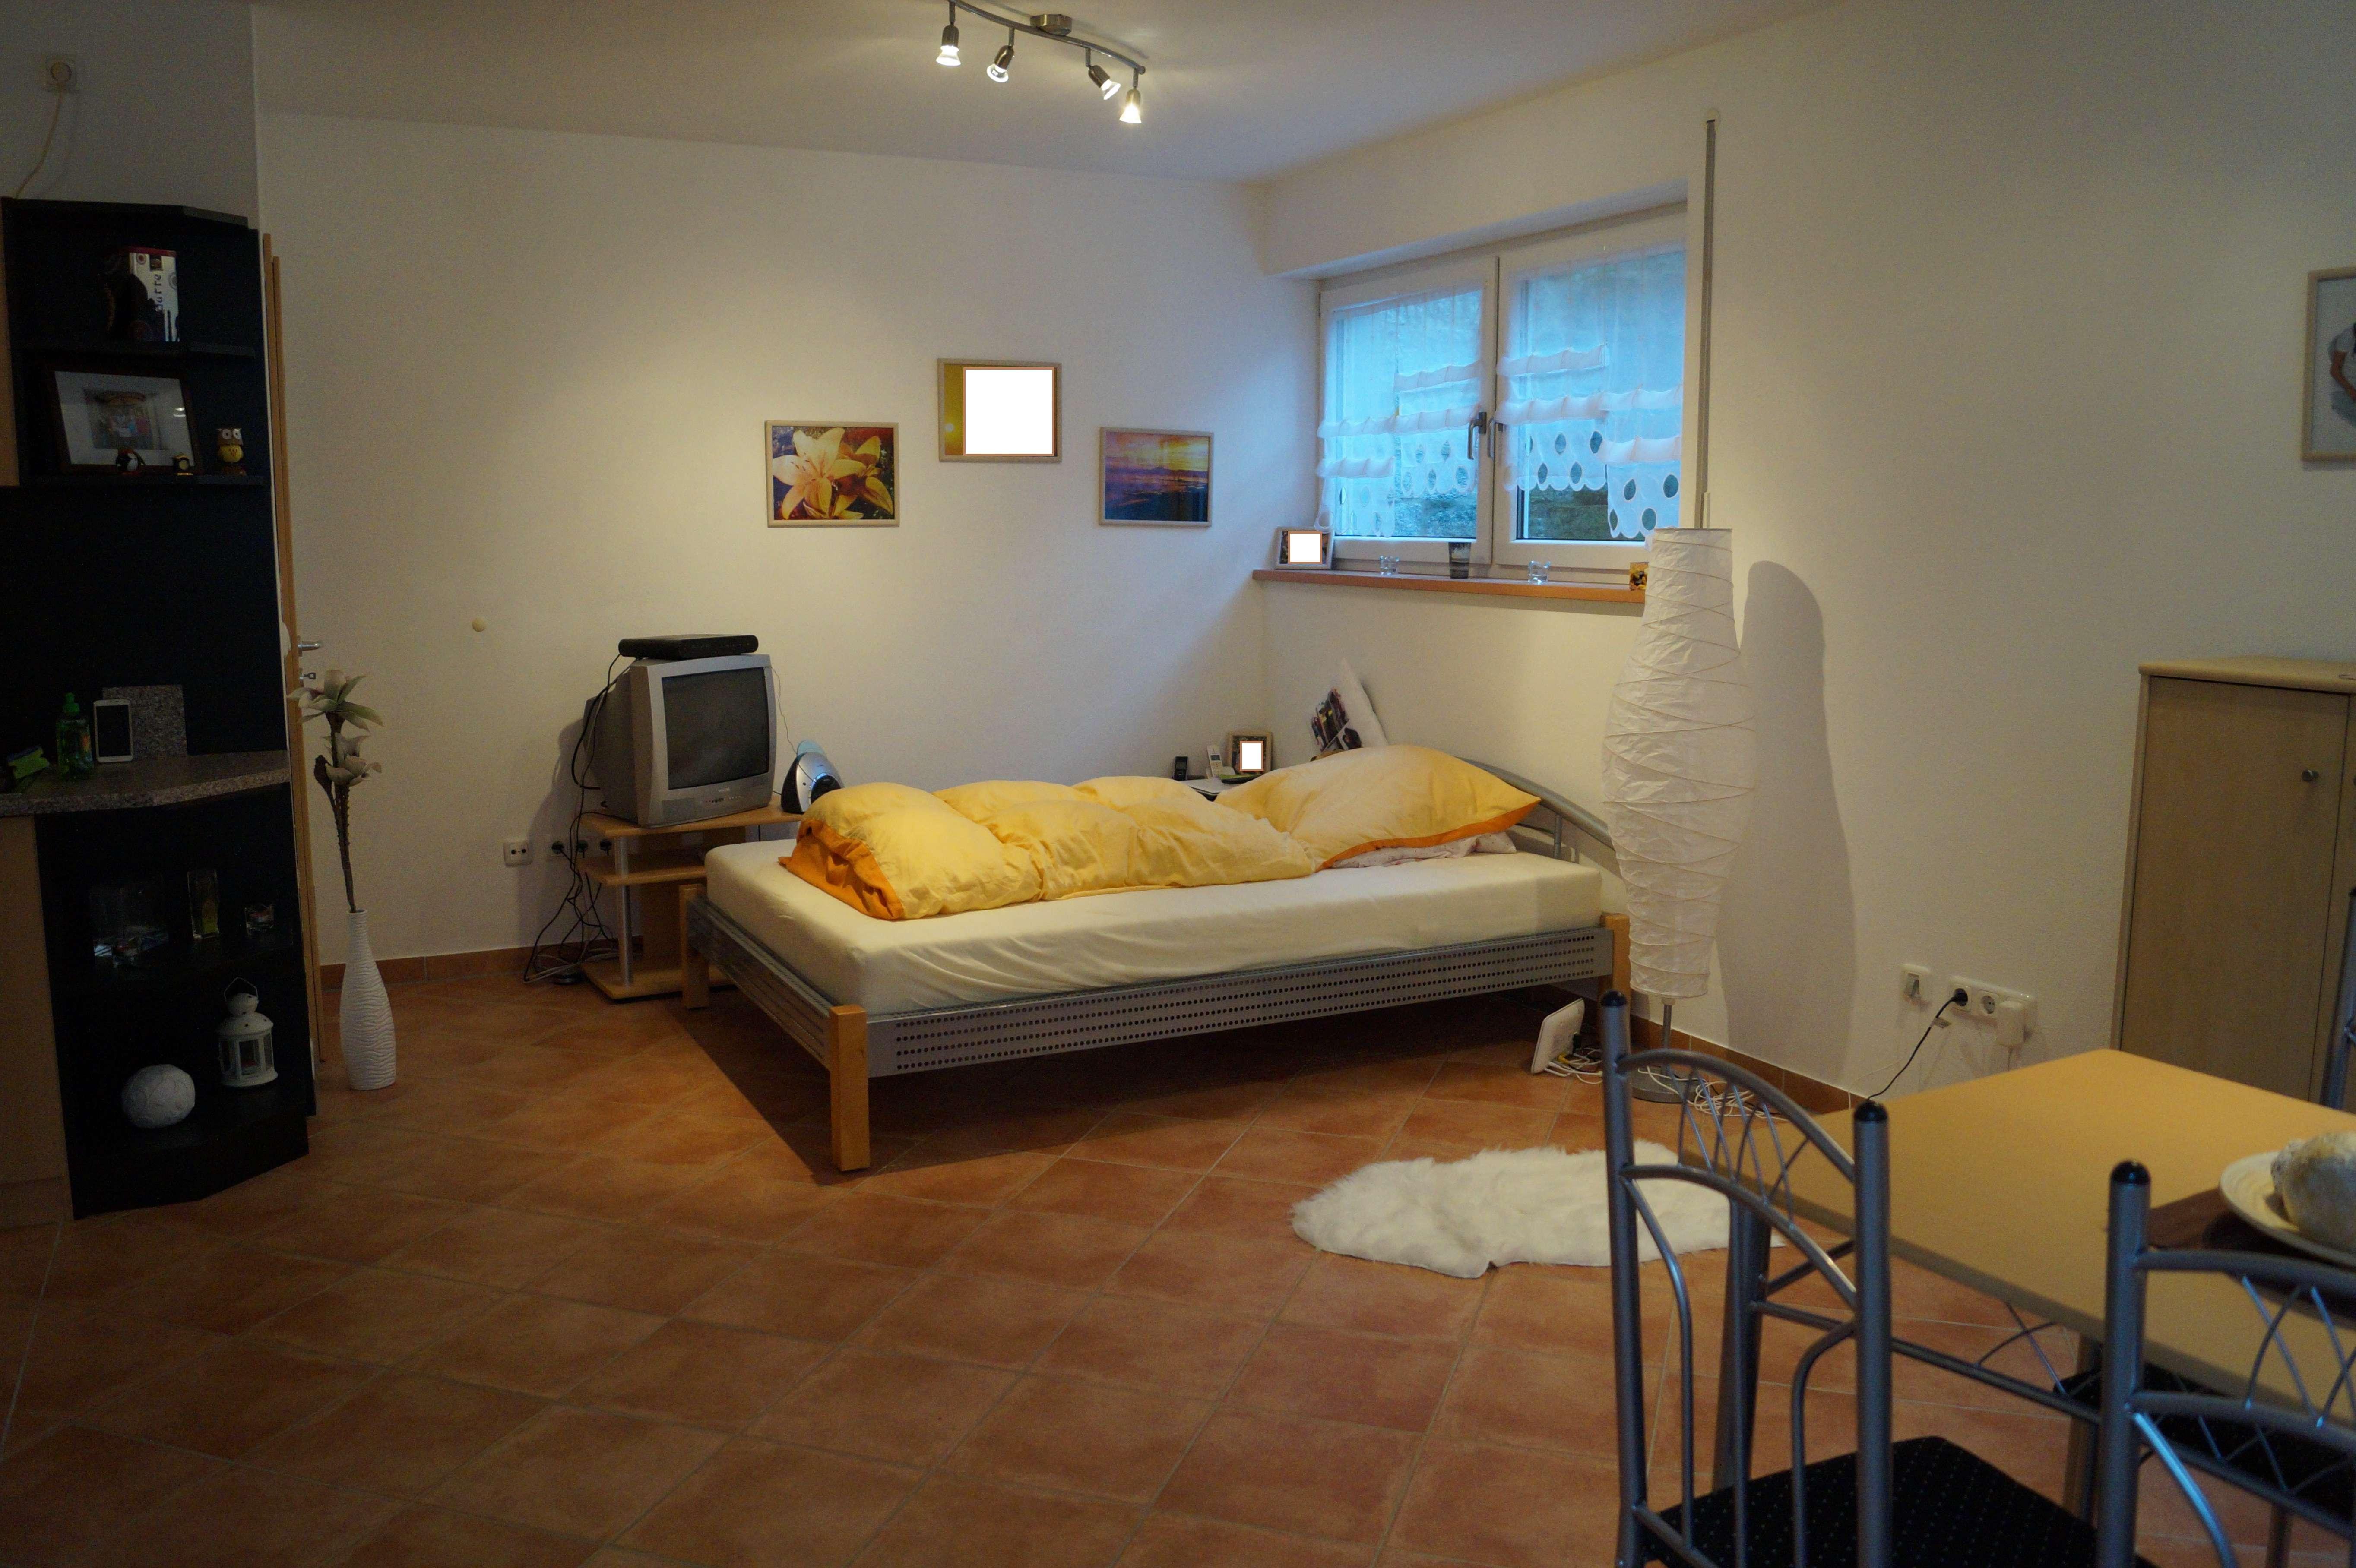 1-Zimmer-Wohnung mit EBK in Mistelbach für Student/in oder Wochenendheimfahrer in Mistelbach